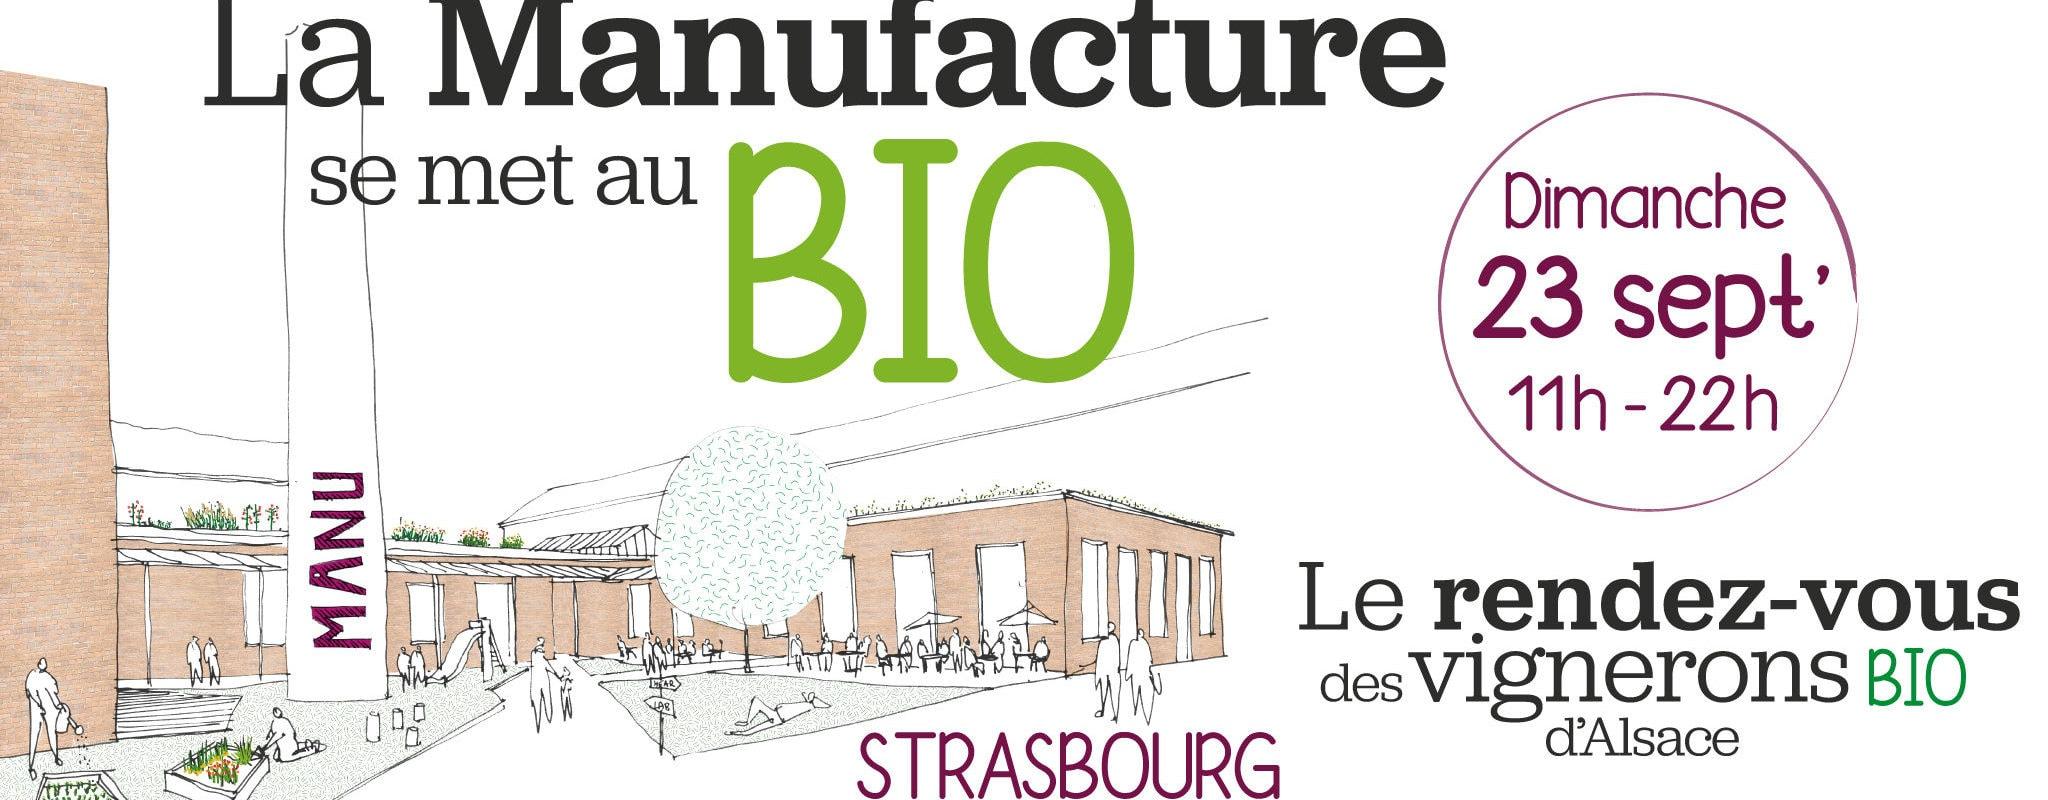 Dimanche, un aperçu du pôle bio de la Manufacture avec marché et animations